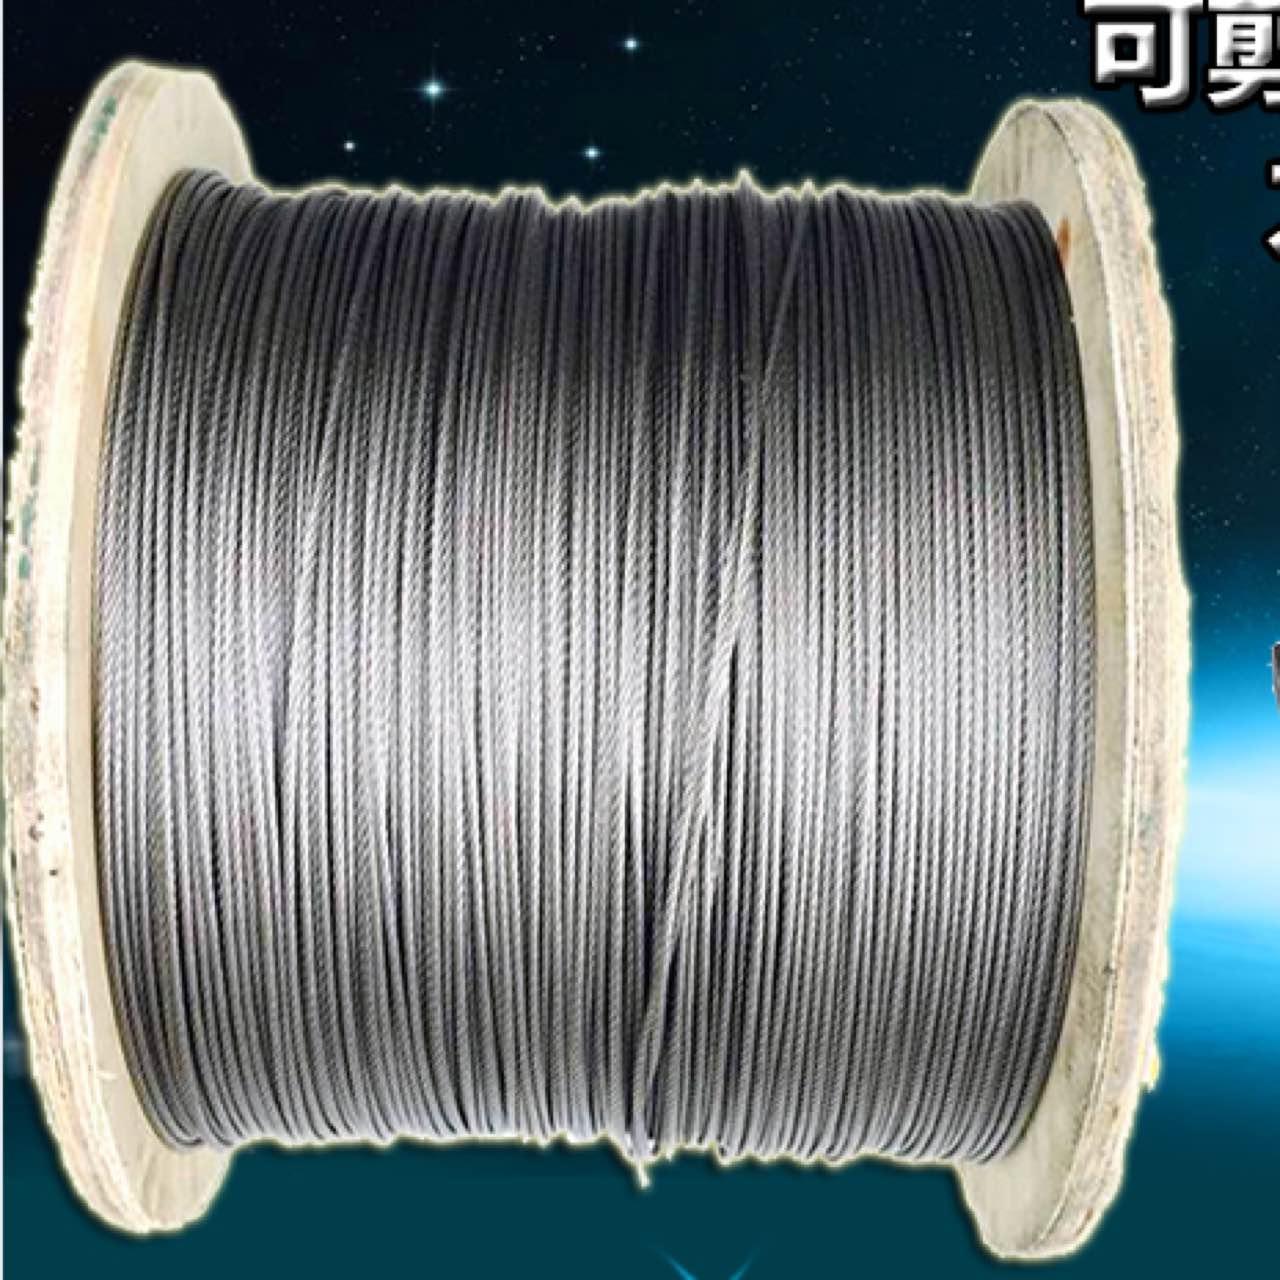 家毅304不锈钢钢丝绳2mm粗细 钢丝线 牵引线 一捆50米 送20个铝套